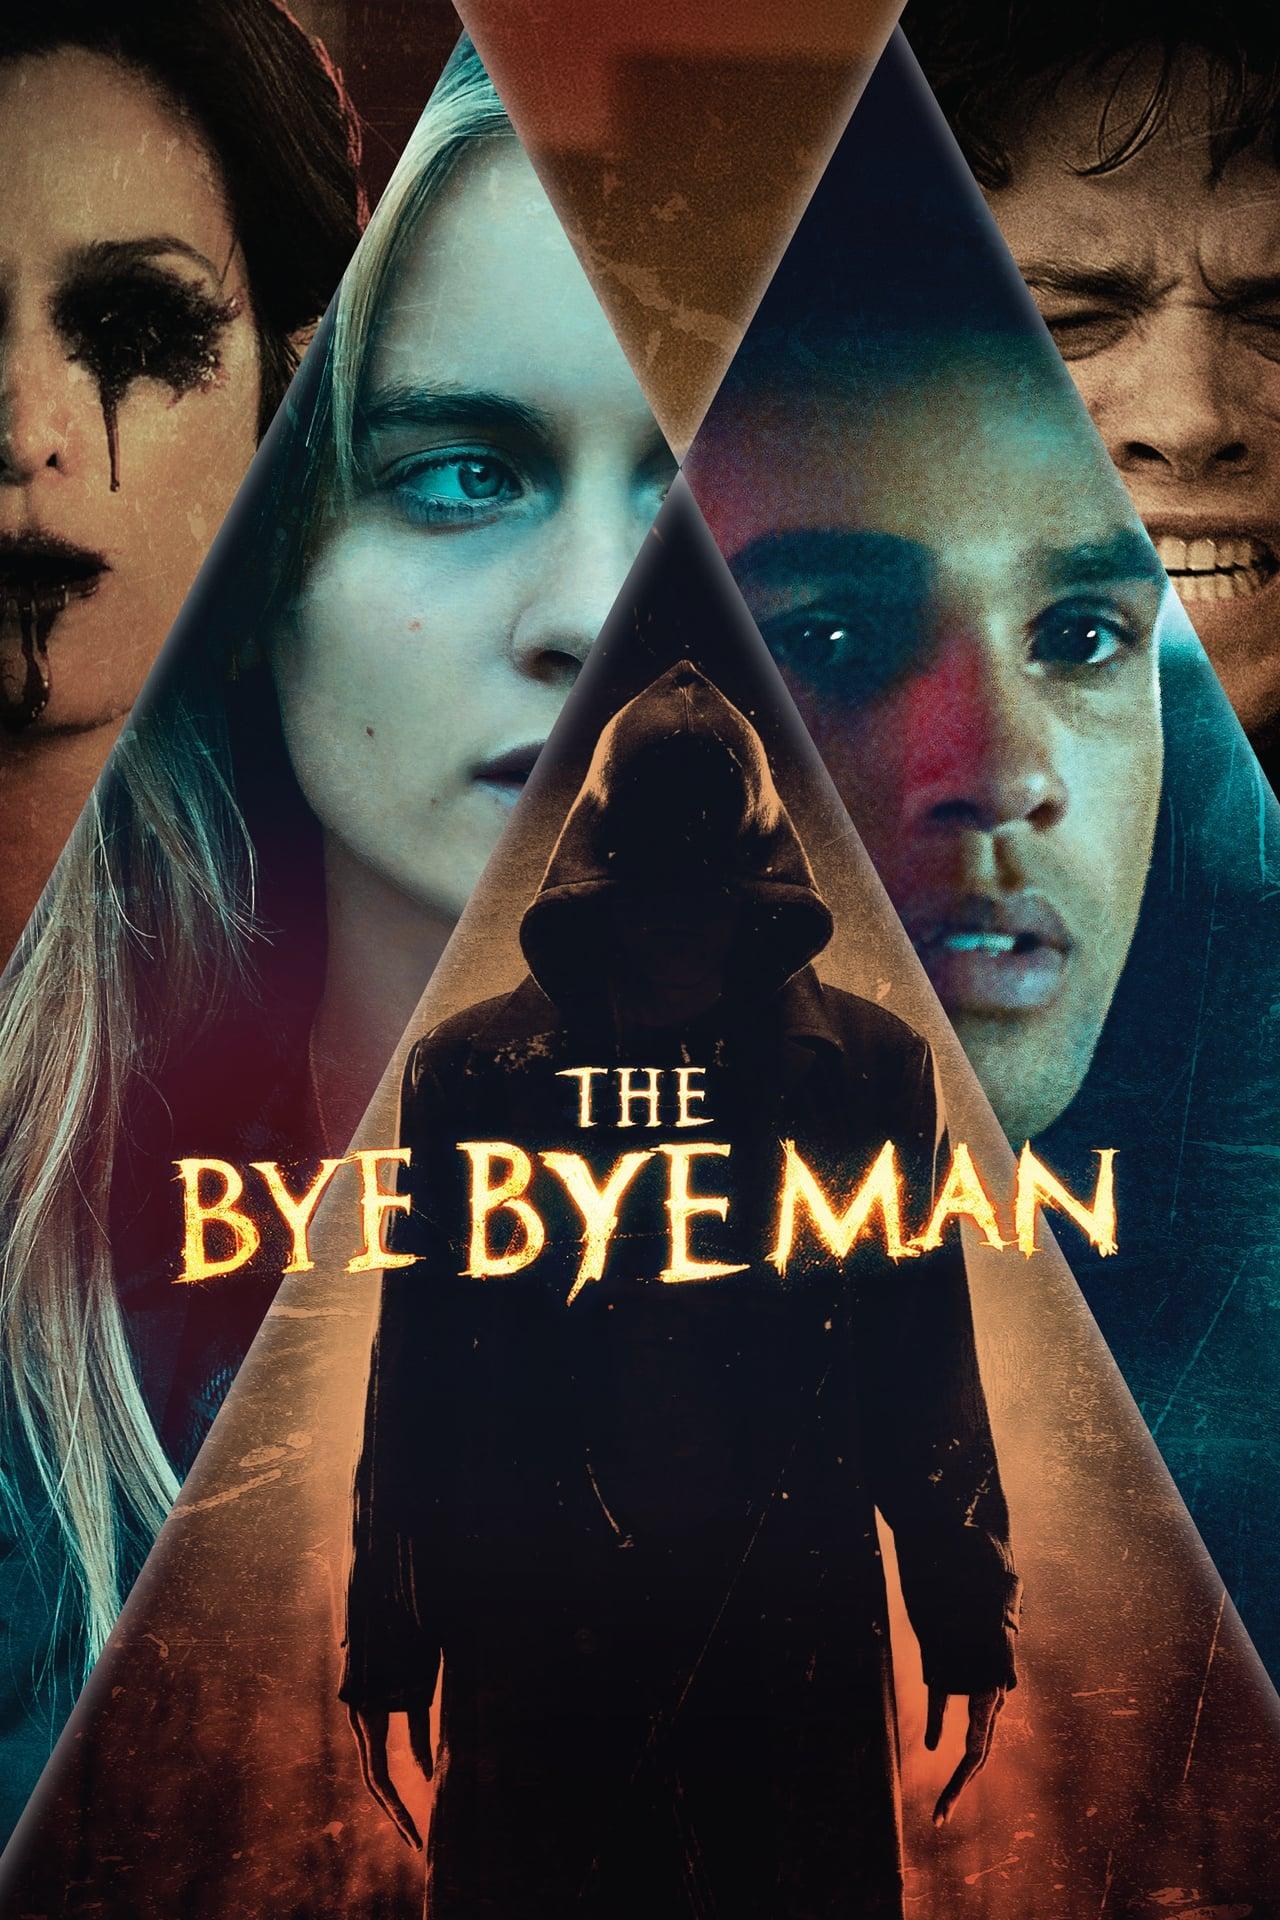 W A T C H The Bye Bye Man 2017 Hd Online Putlocker Hd1080p